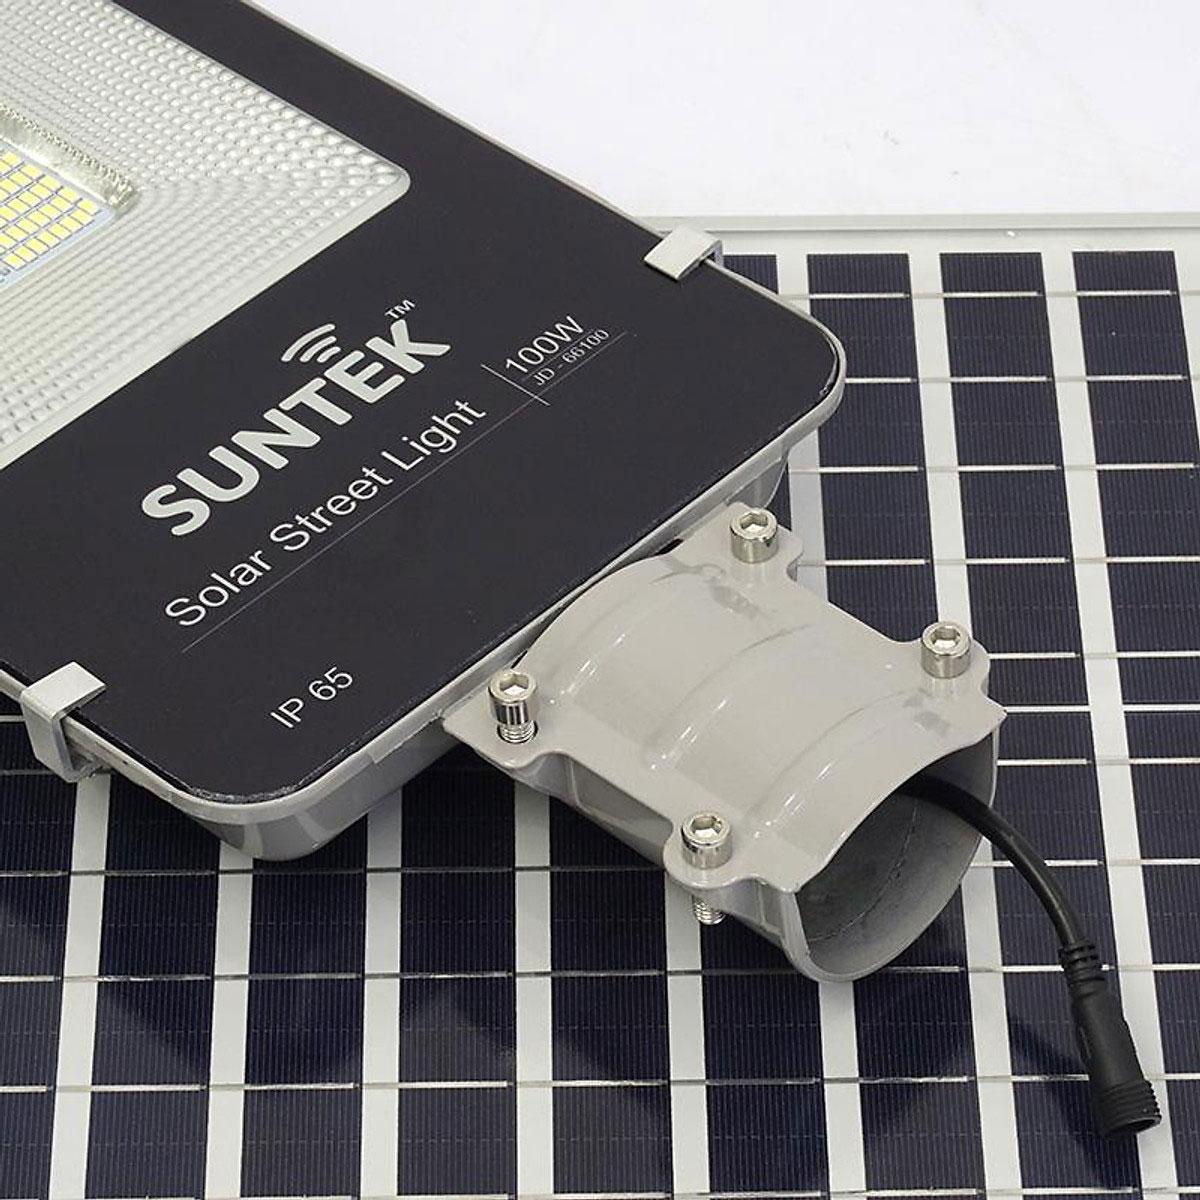 Đèn đường Suntek JD-66100 sử dụng năng lượng mặt trời